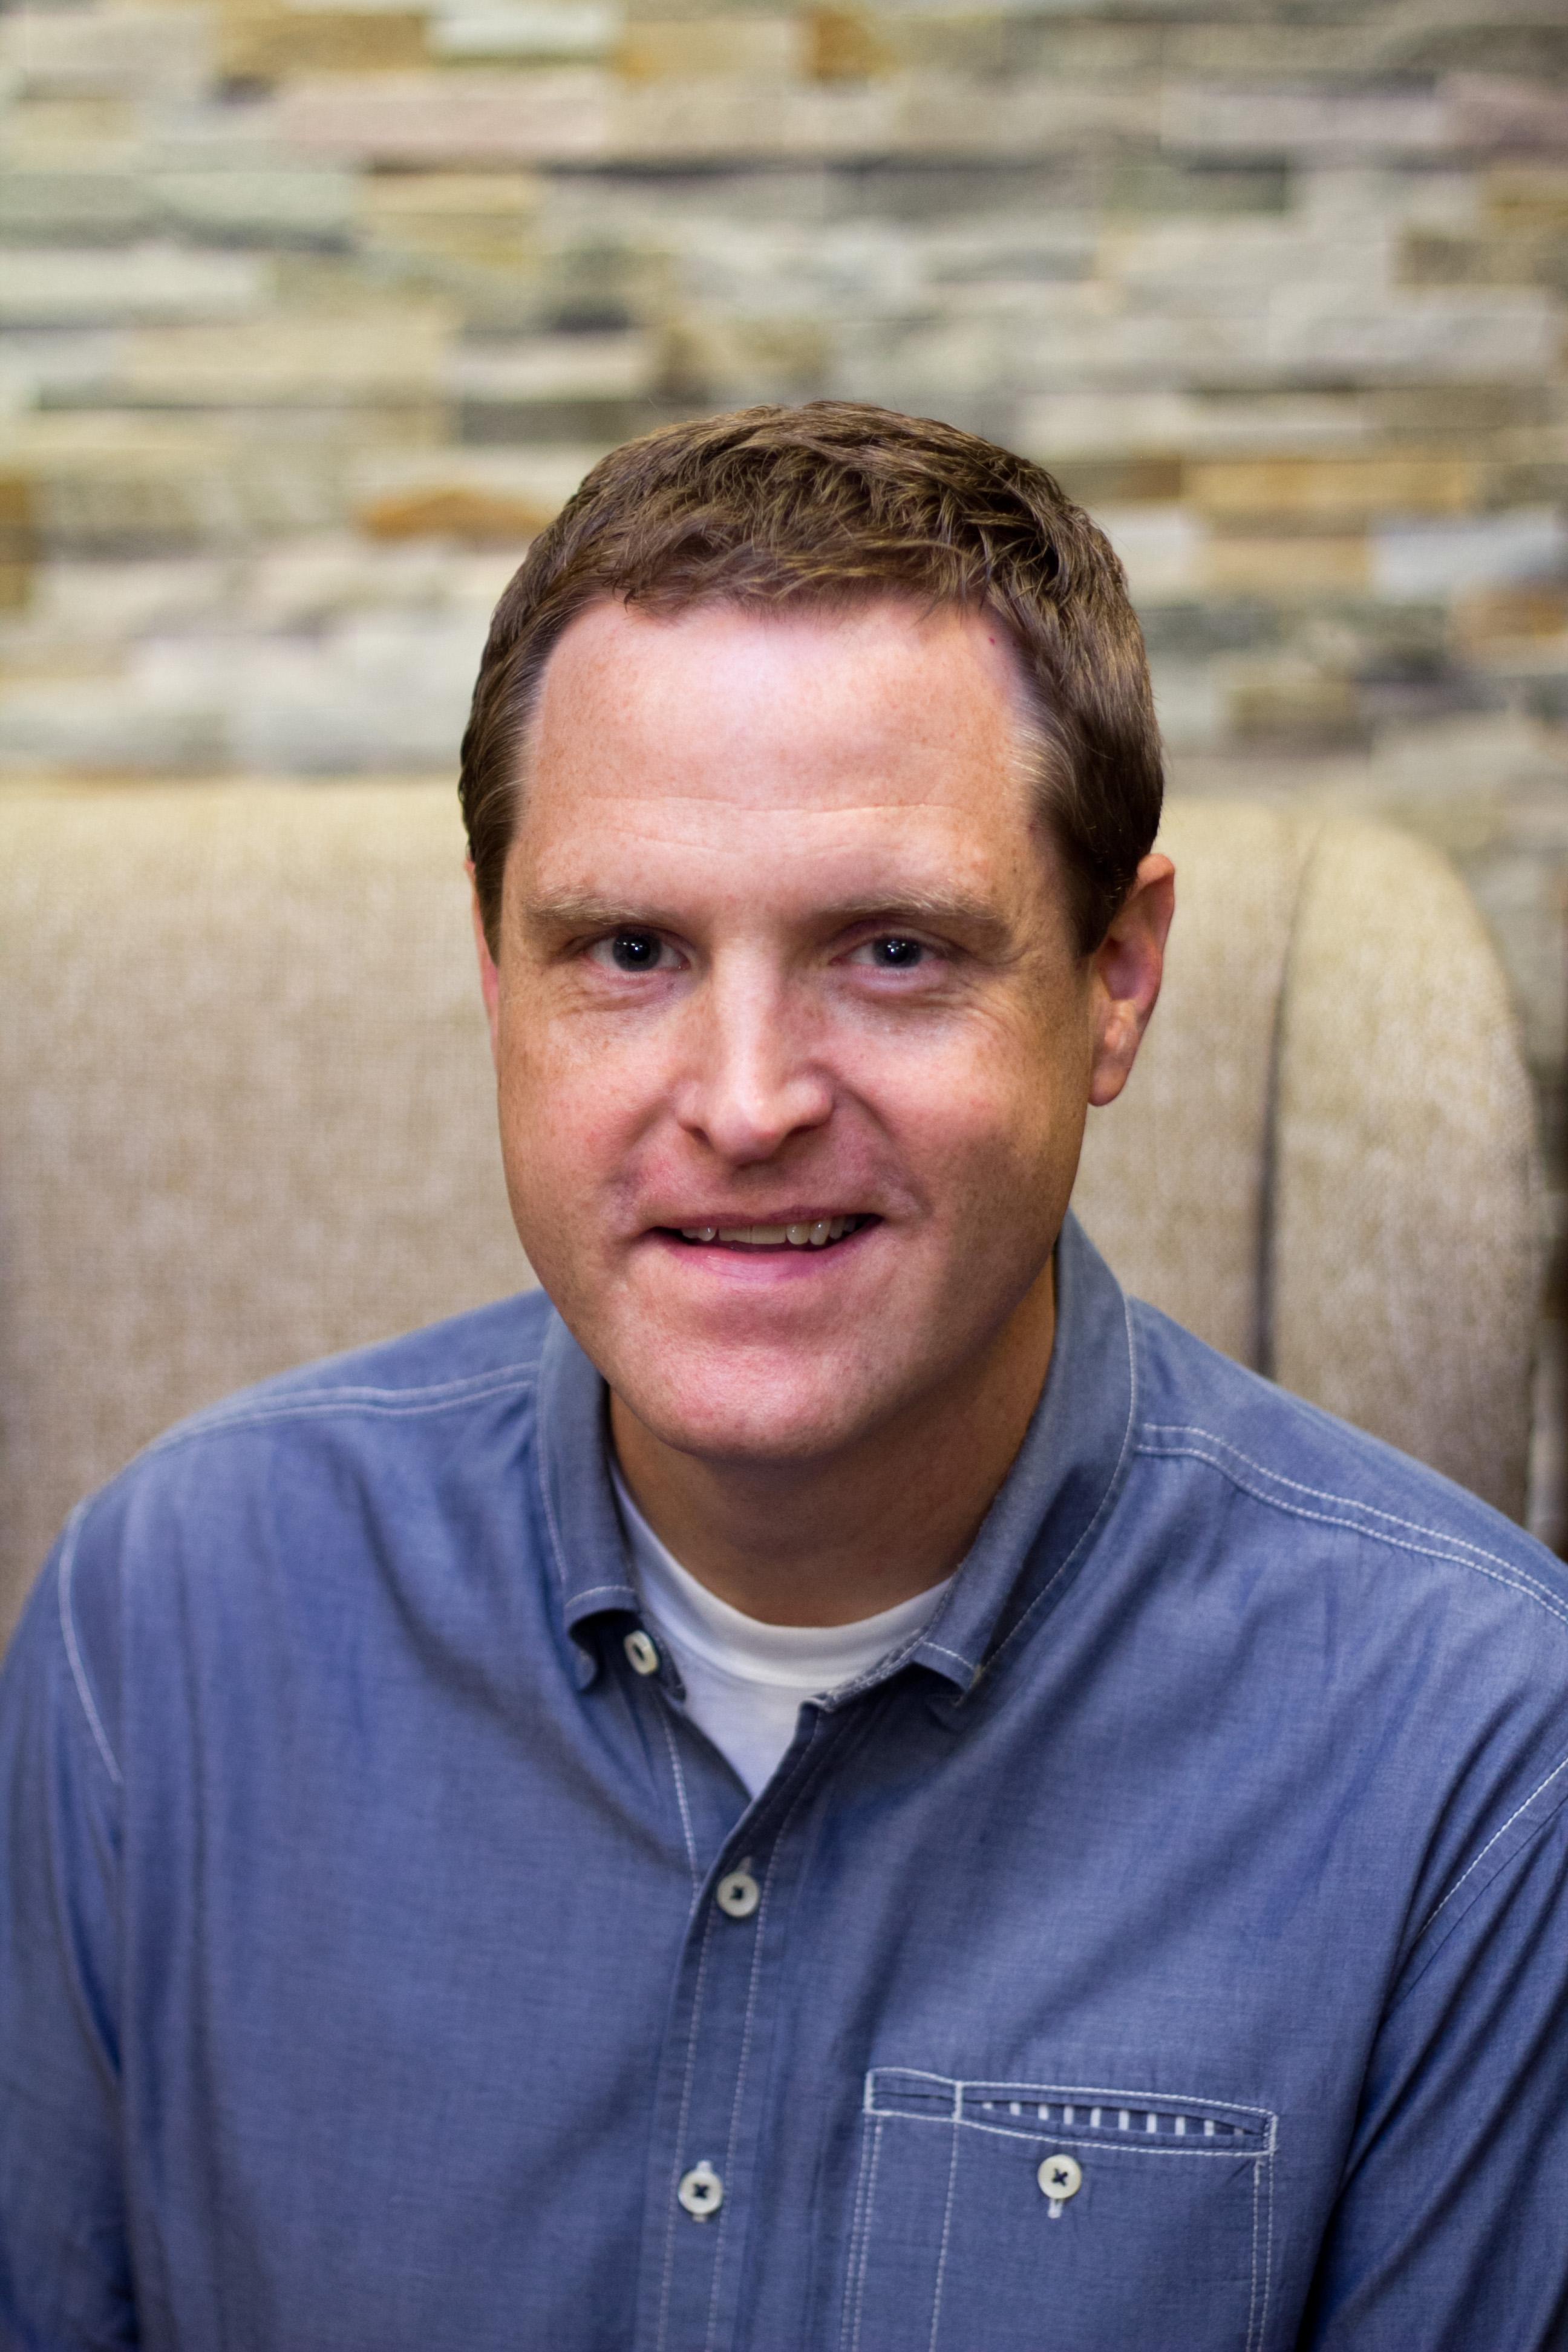 Cory Liebrum